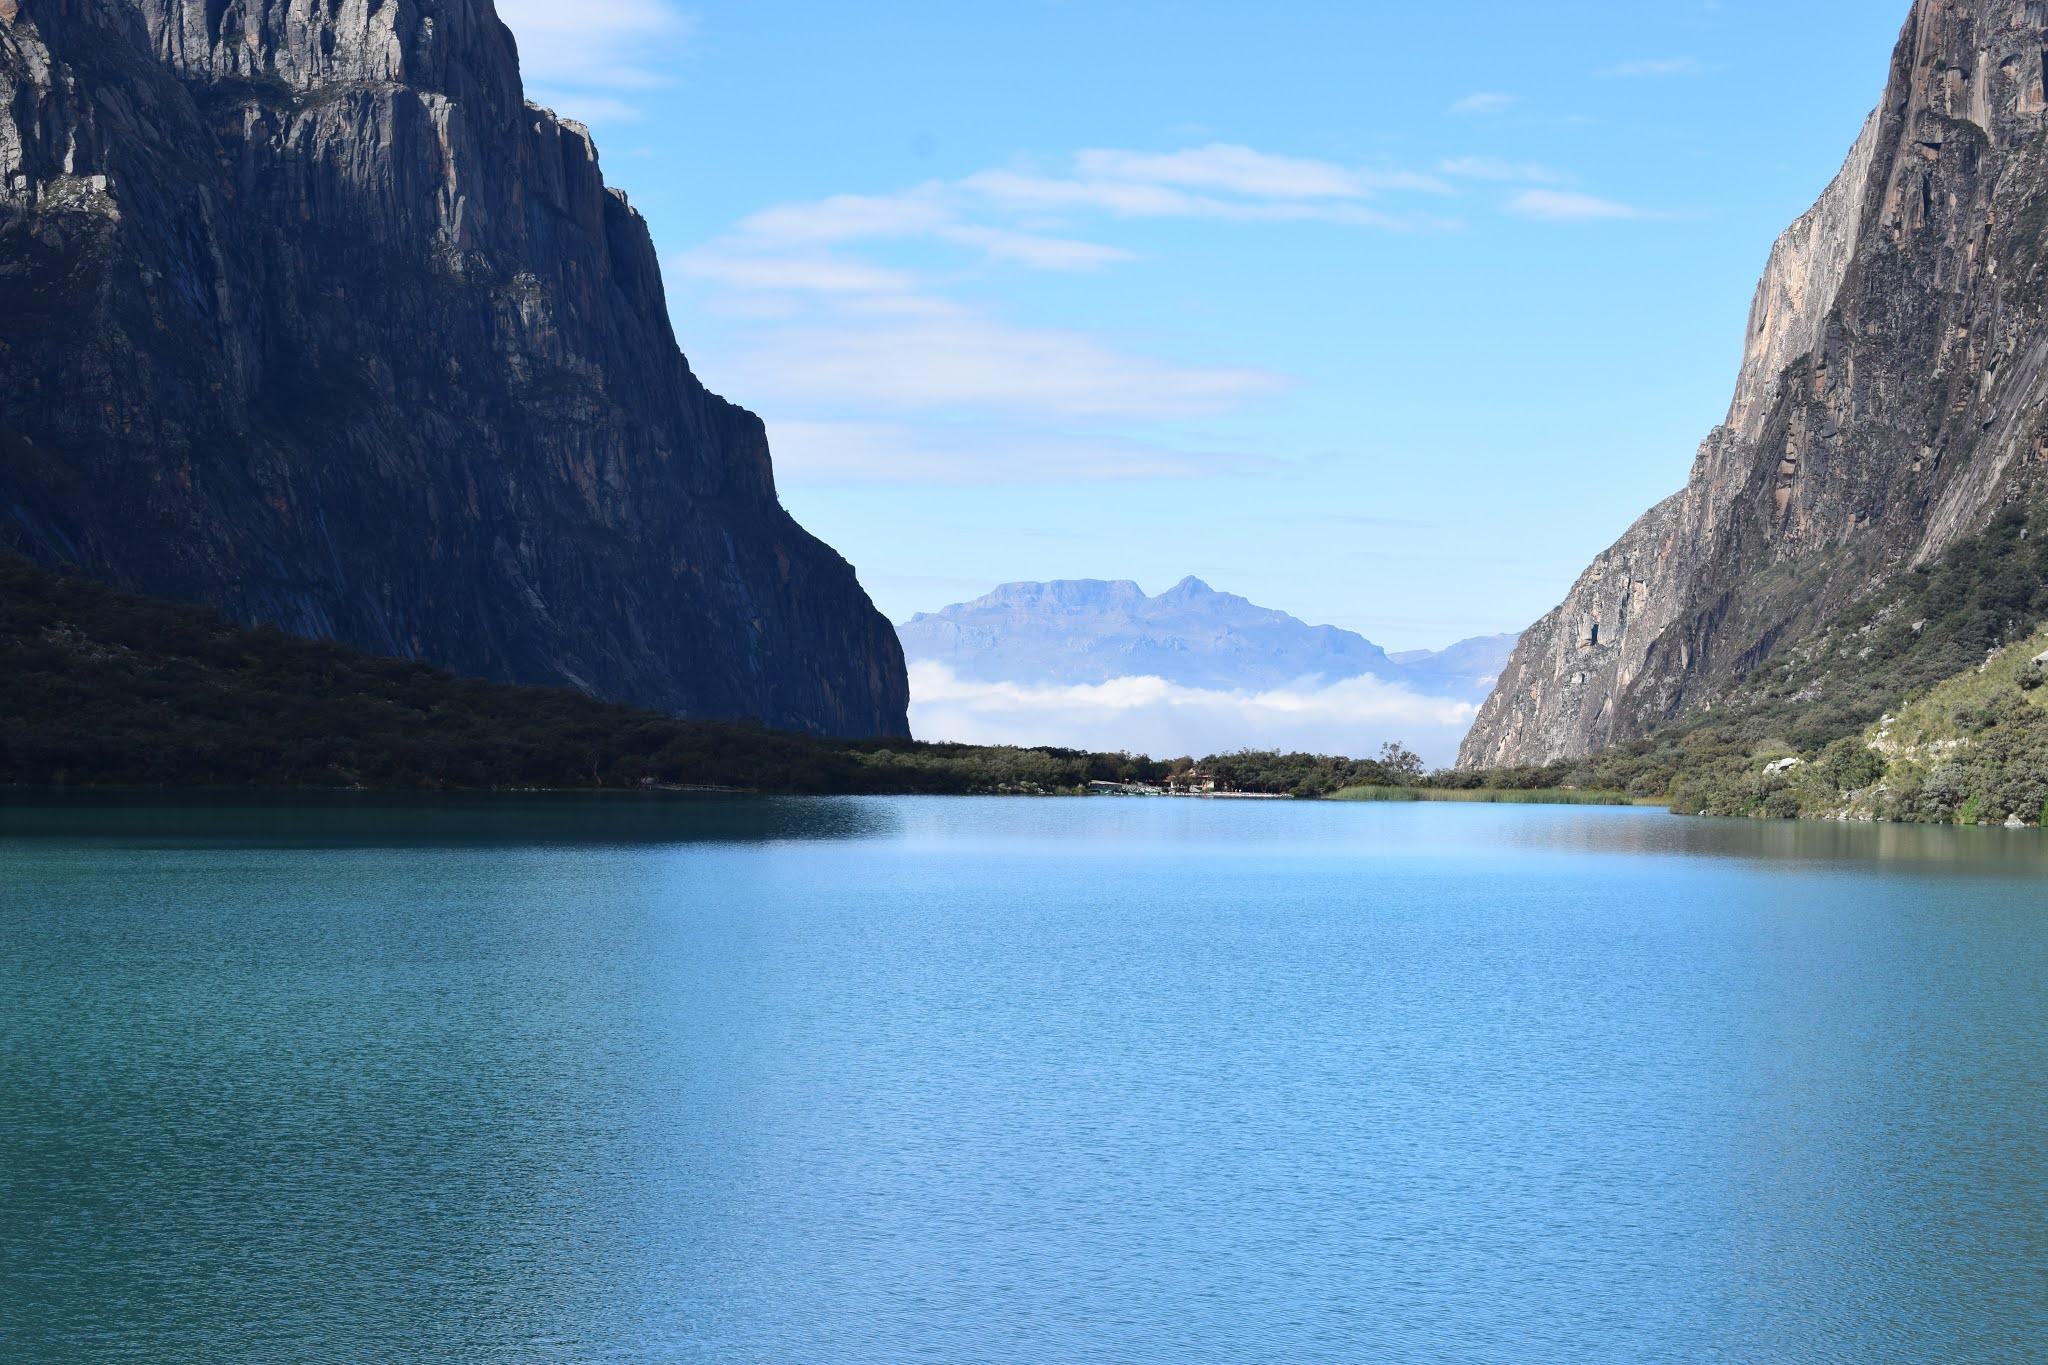 lagoa azul escuro com duas montanhas ao fundo